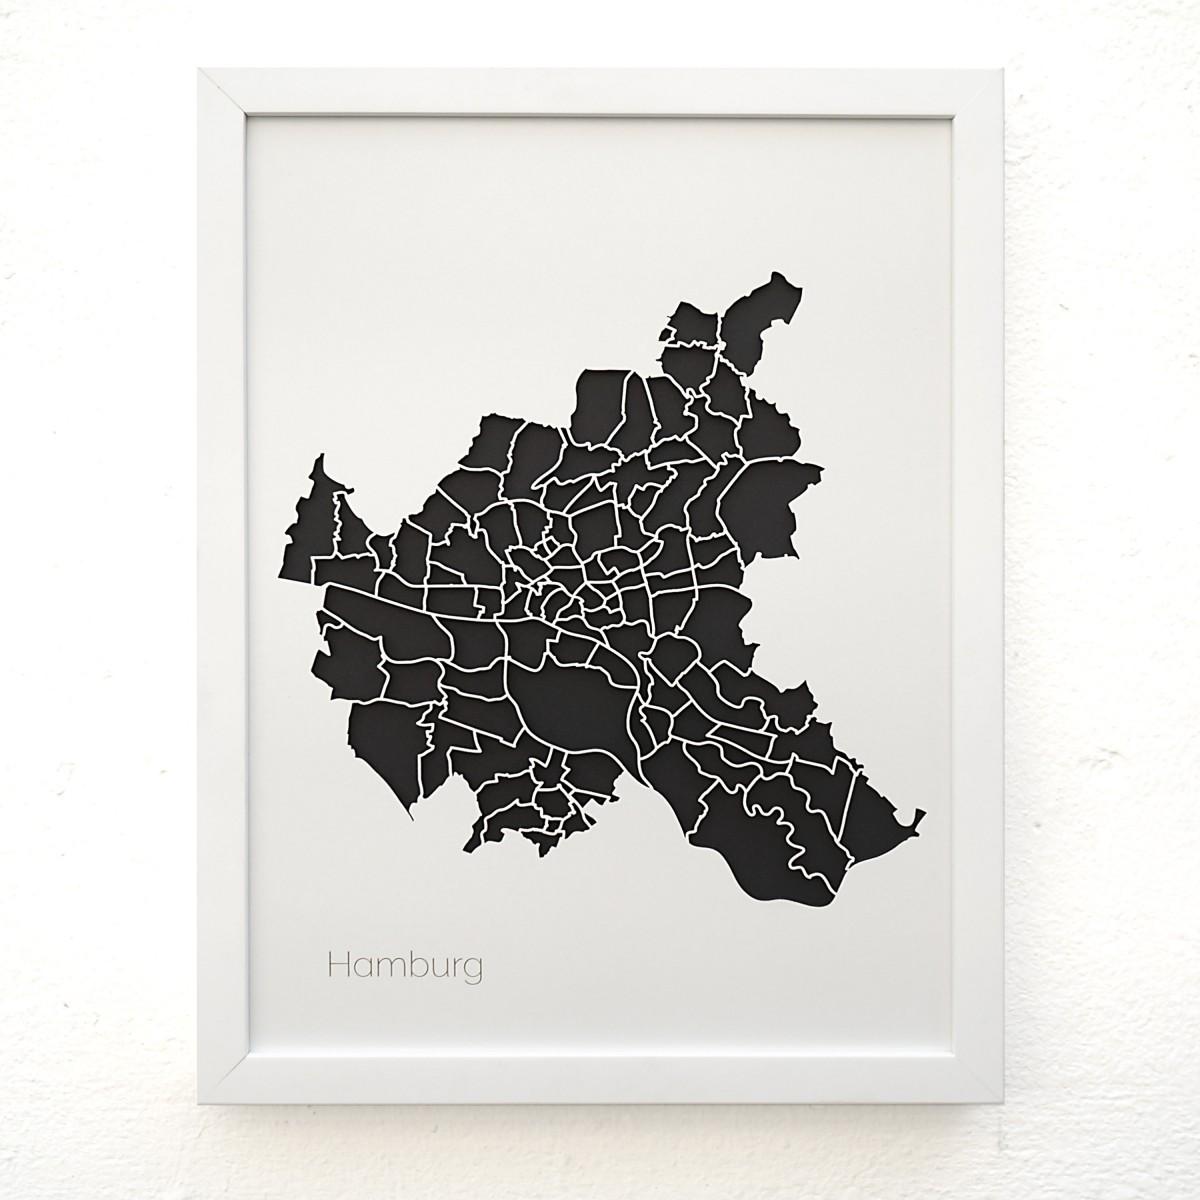 Frau Schneize 3d Stadtteile HAMBURG